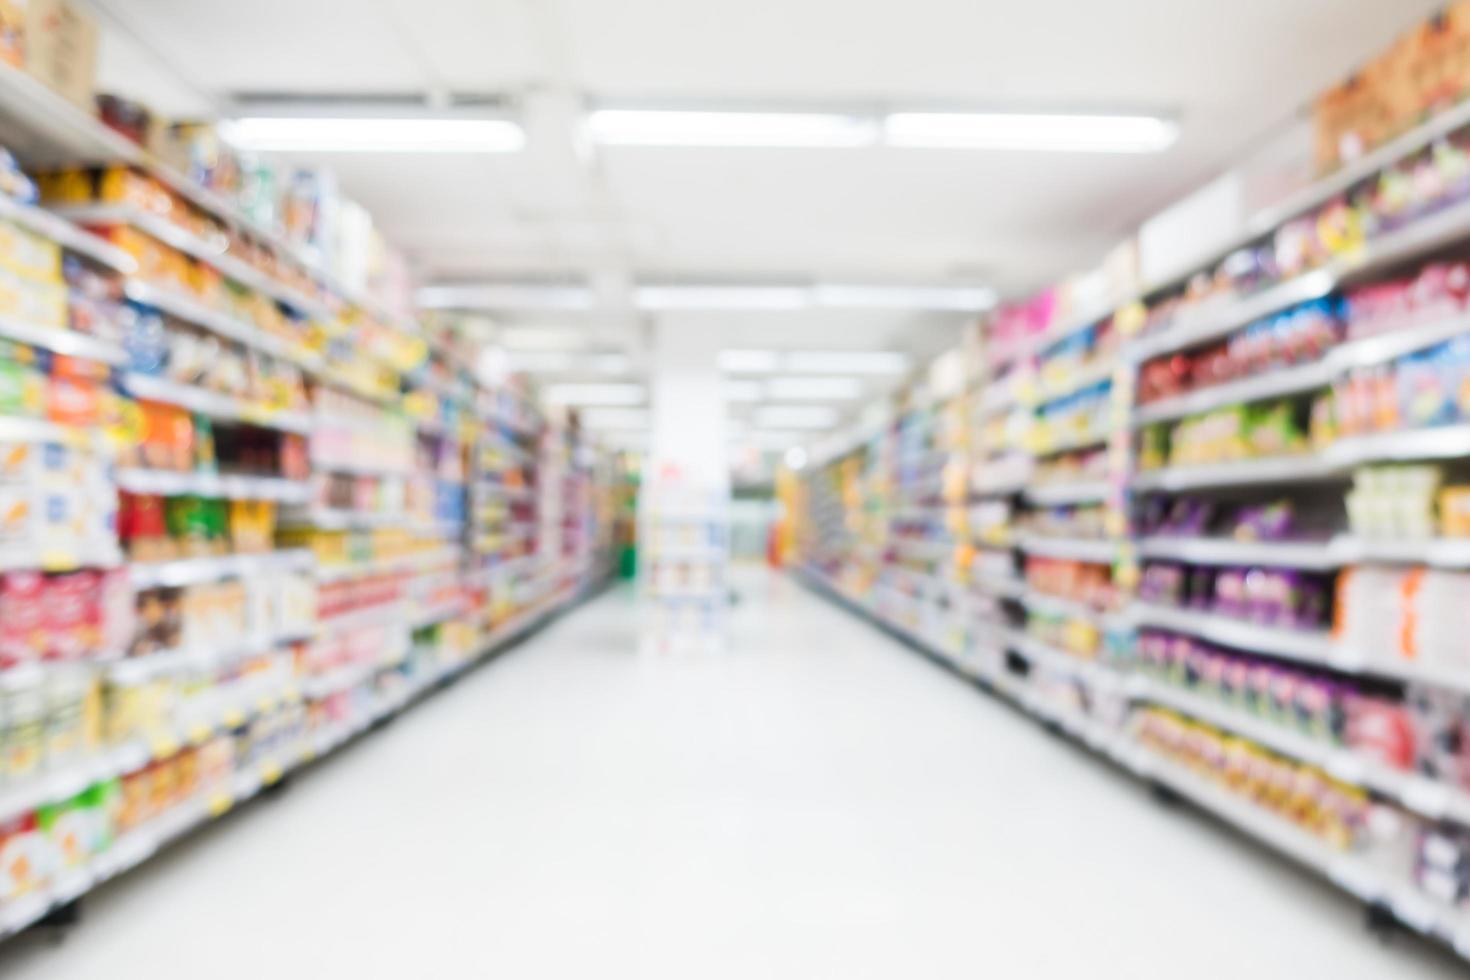 Desenfoque abstracto y bokeh interior de supermercado y tienda de descuento foto